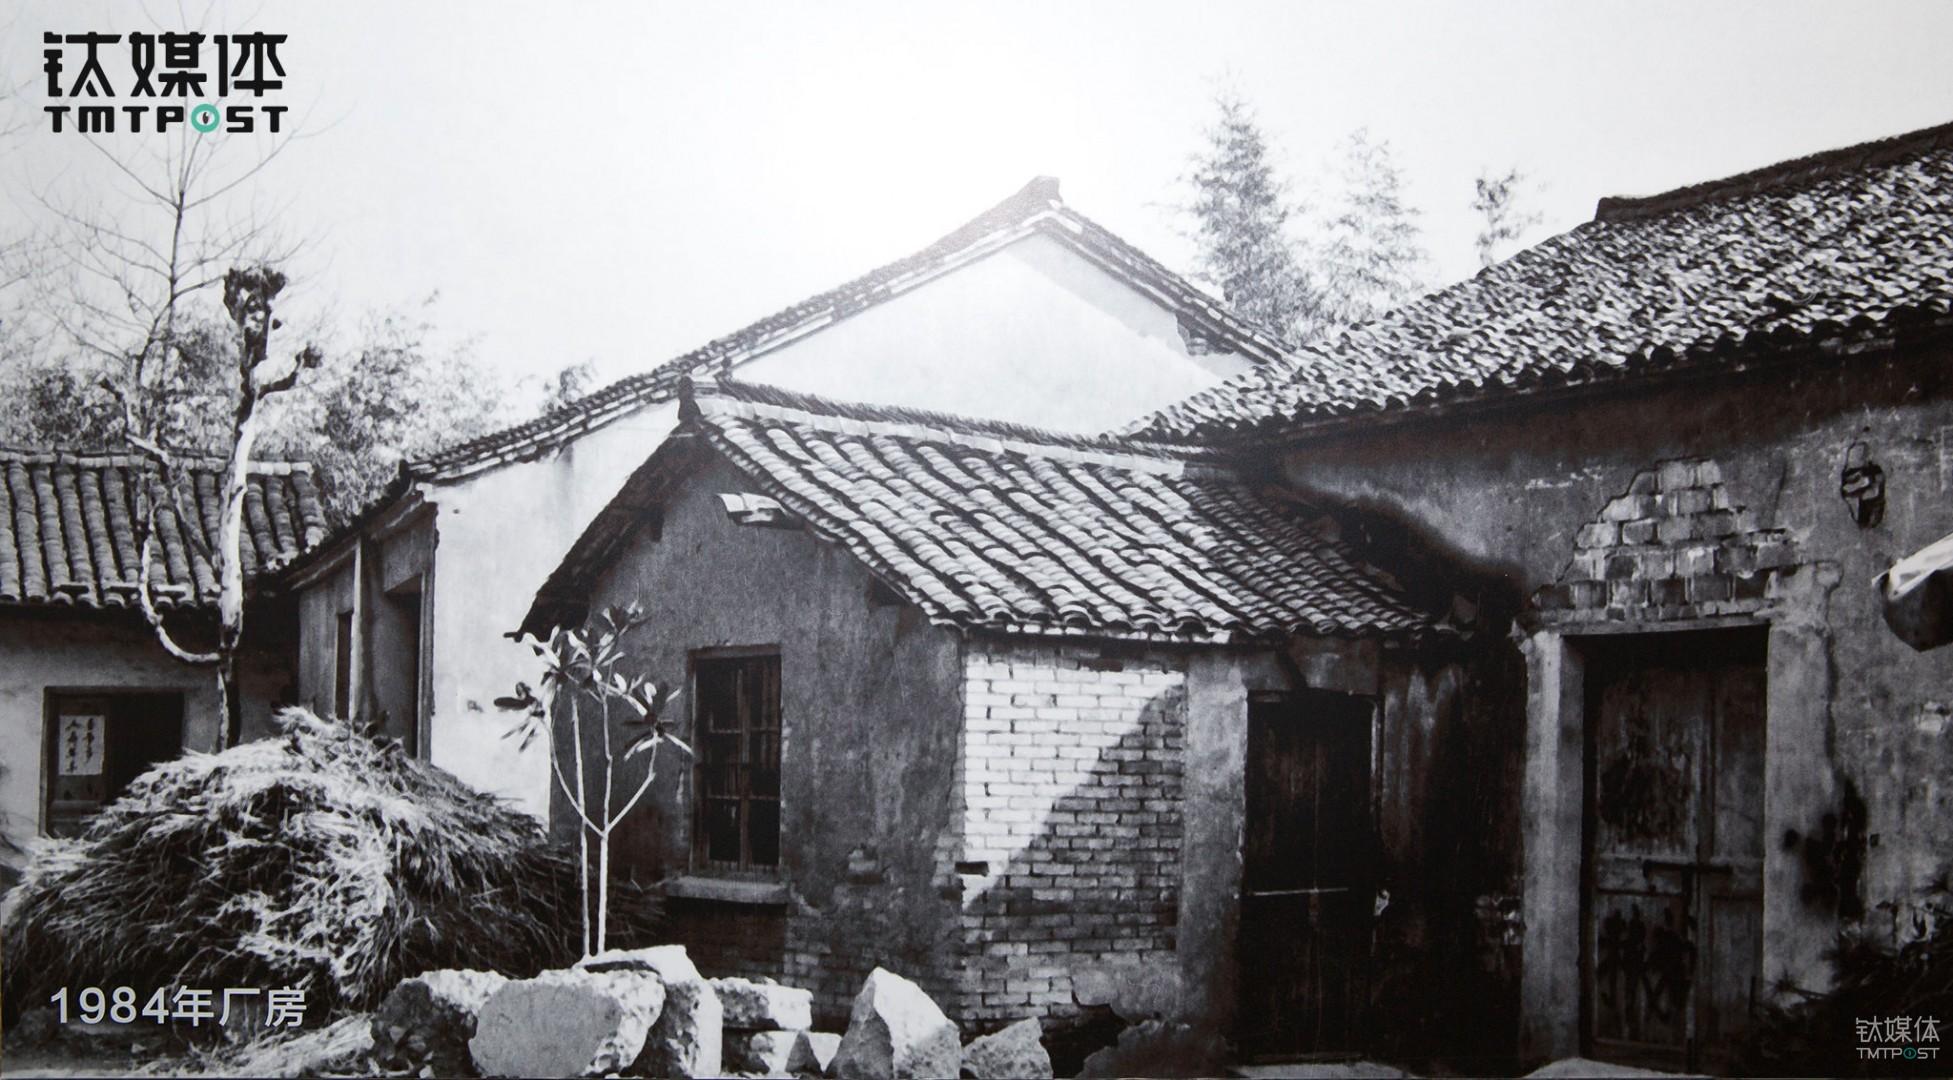 浙江省新昌县一间厂房,三花的故事是在这里展开的